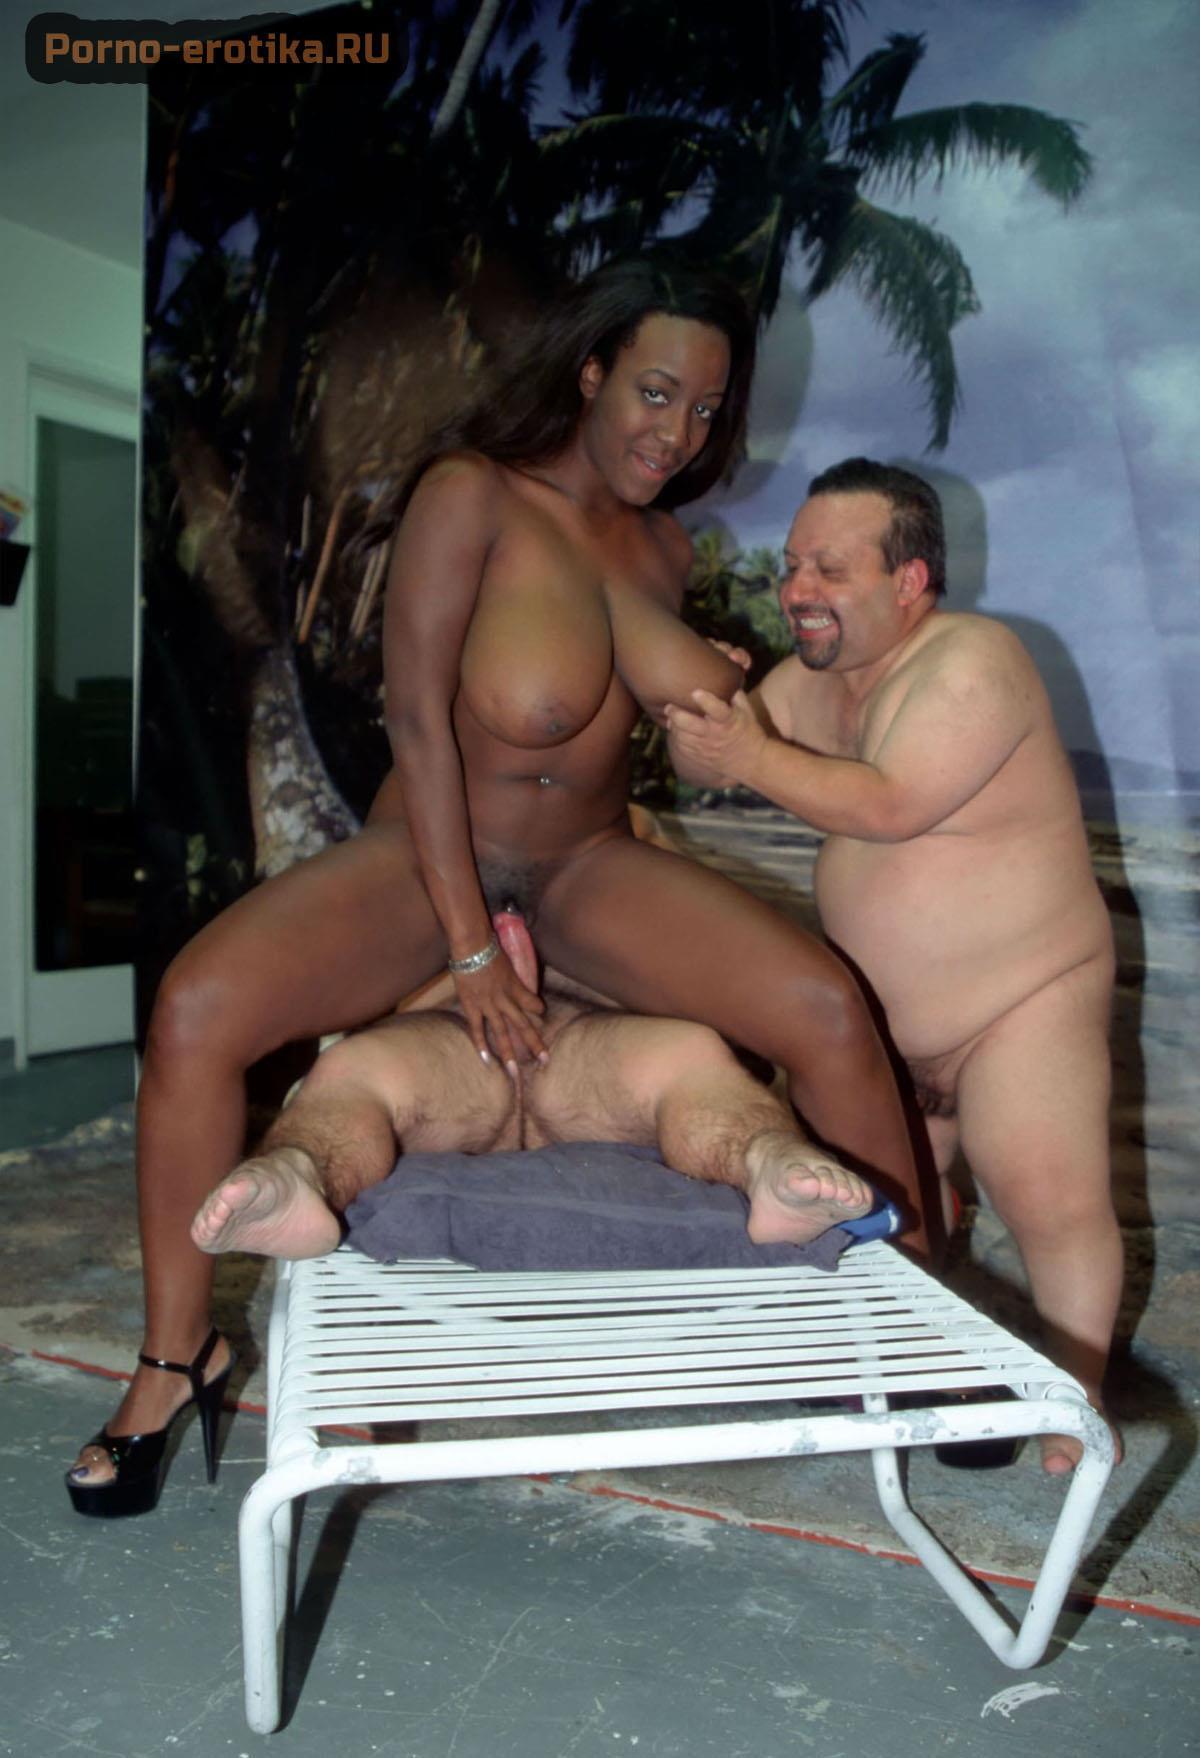 порно фото больших волосатых пизд у карликов